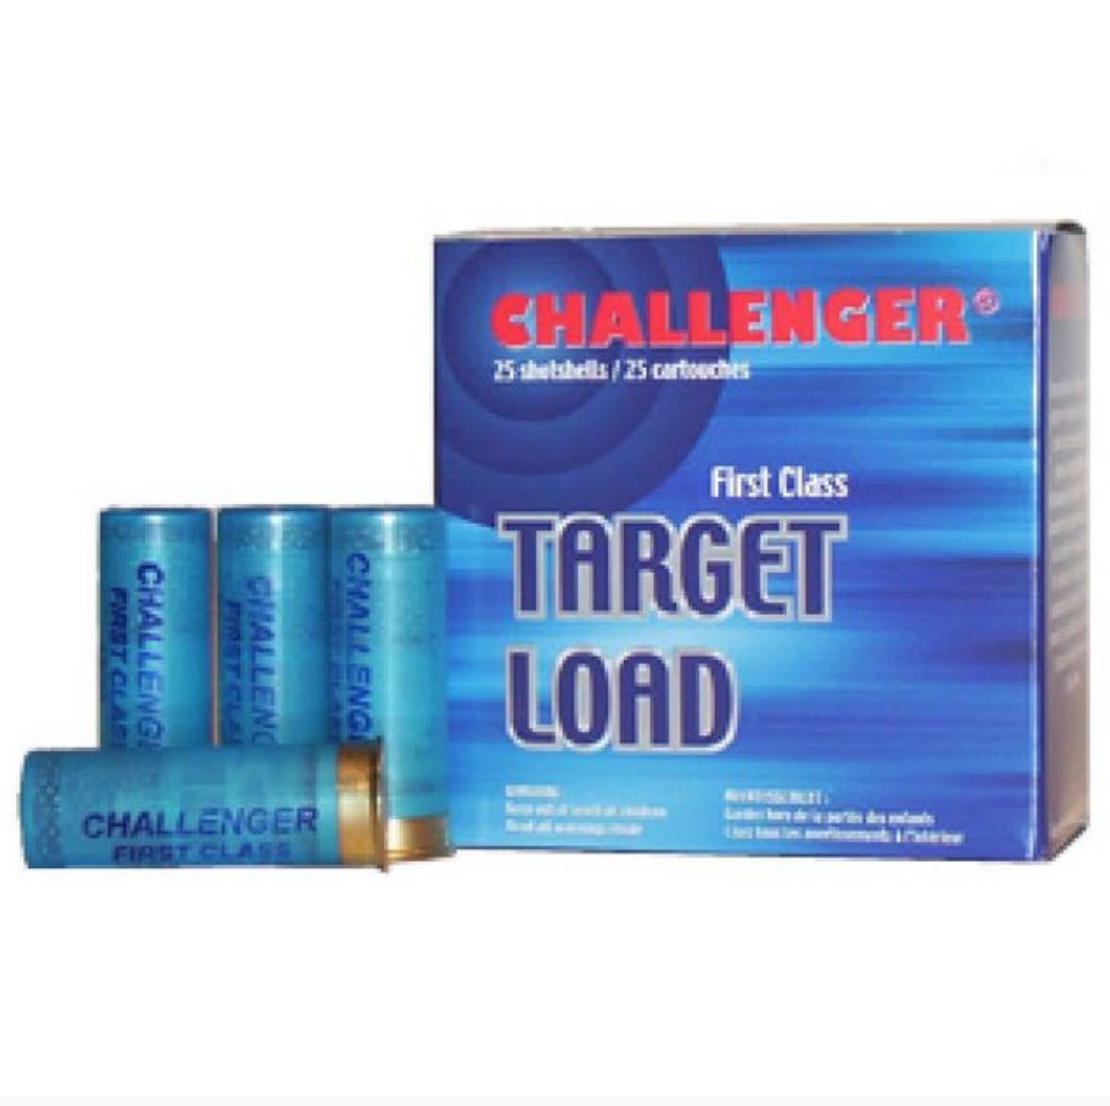 Challenger Ammunition Challenger 12g 8 1 1/8 oz Target Load